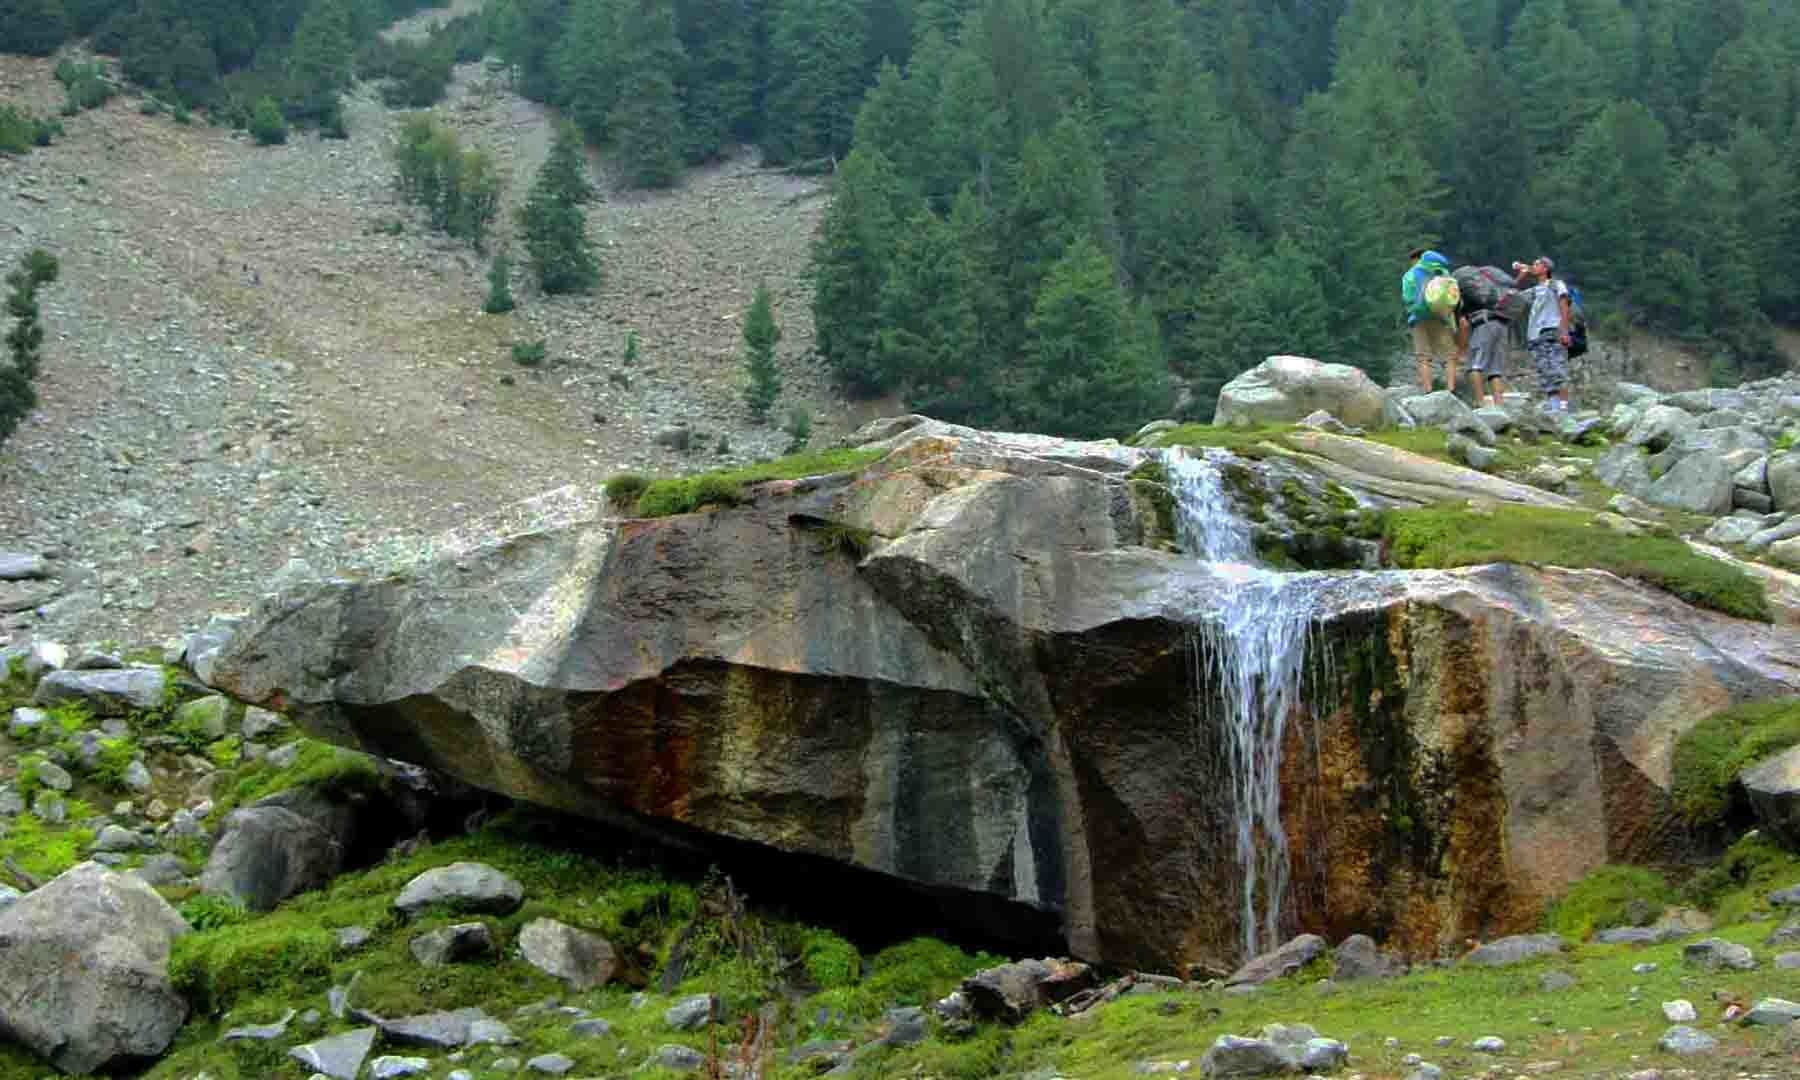 اس چھوٹی سی آبشار سے چکیل اور فیری میڈوز کے راستے جدا ہوتے ہیں